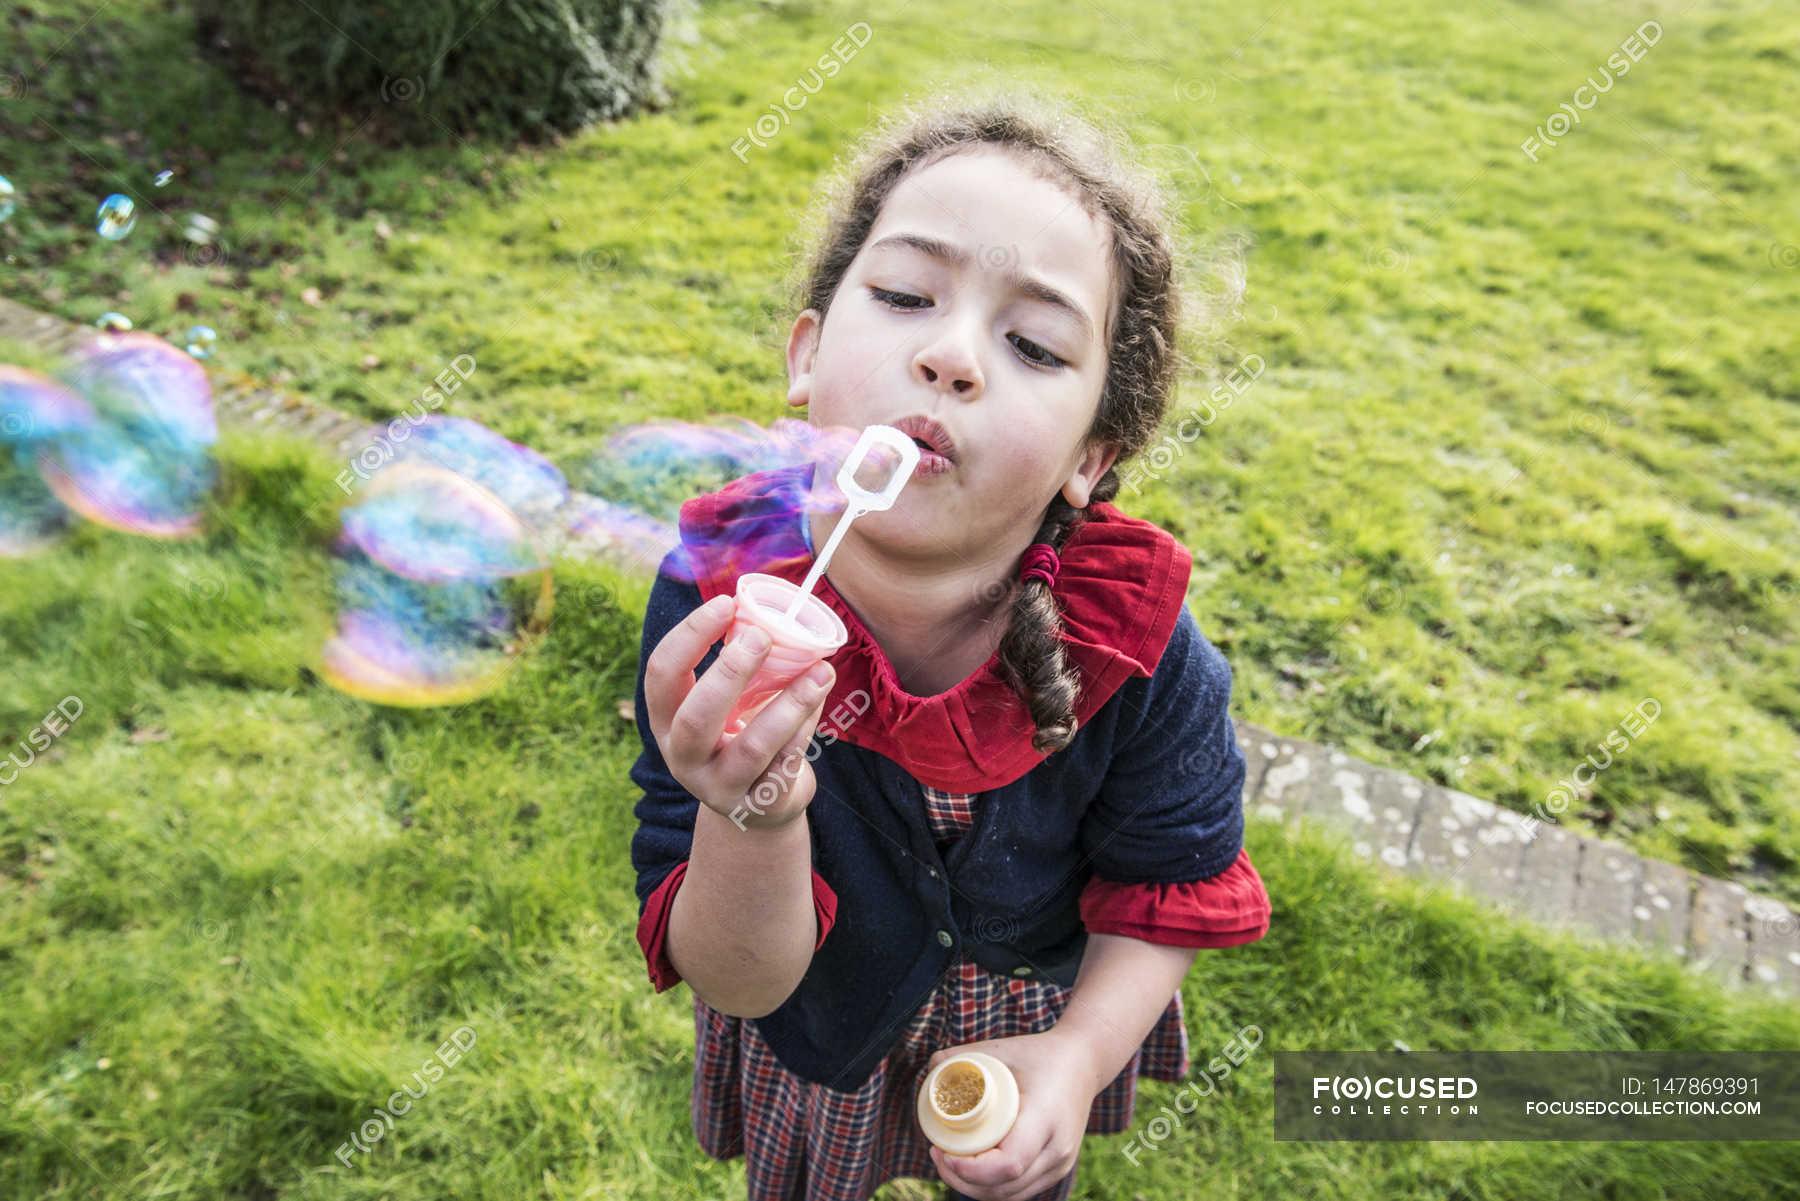 Image Of Little Girl Blowing Soap Bubbles In Backyard Garden